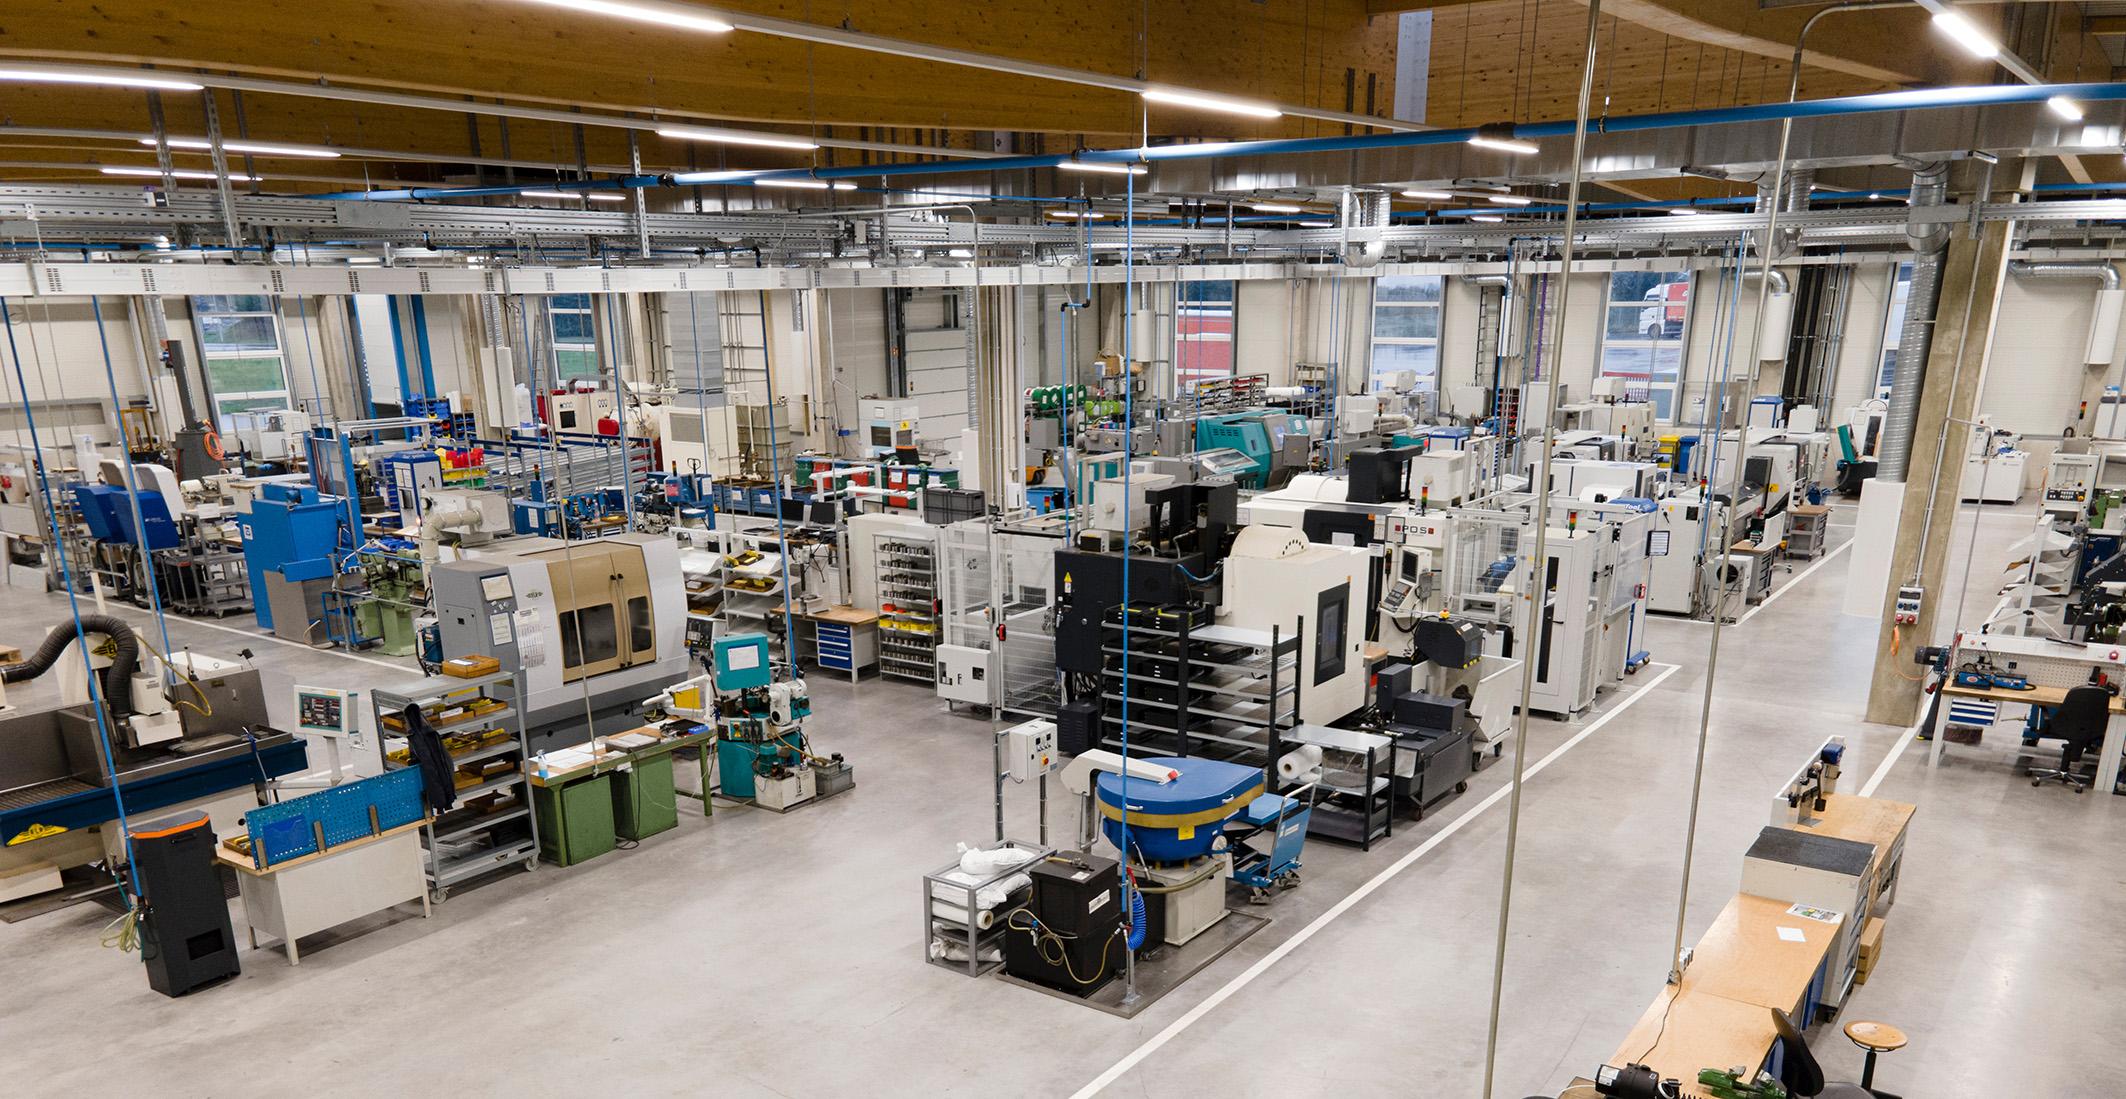 Kapazitäten verdoppelt und Platz für neue Ideen<br/>Erfolgreicher Umzug in das neue Firmengebäude in Aldingen